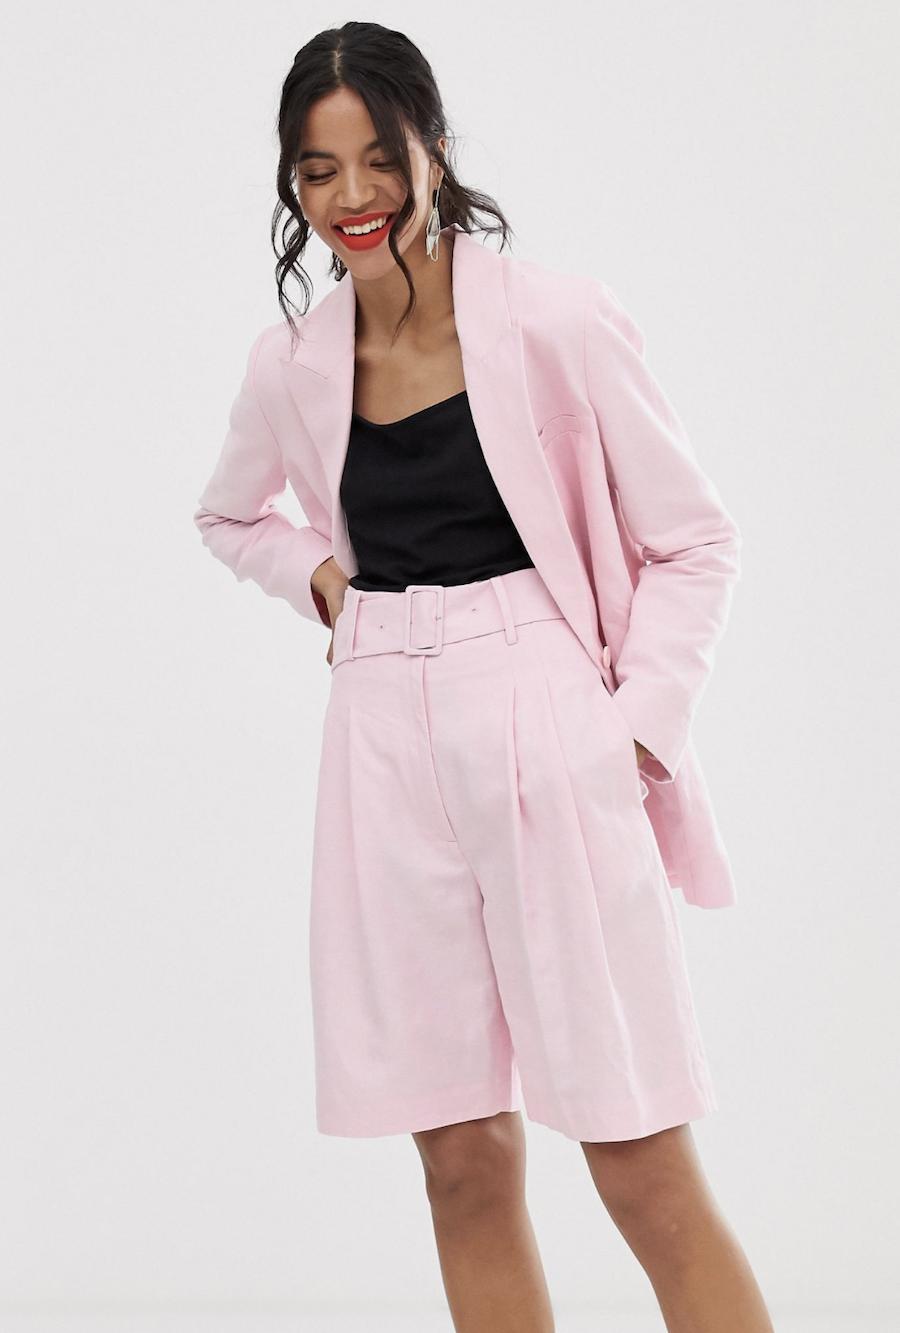 Shorts de sastre rosa de mezcla de lino con cinturón de & Other Stories (parte de un conjunto)